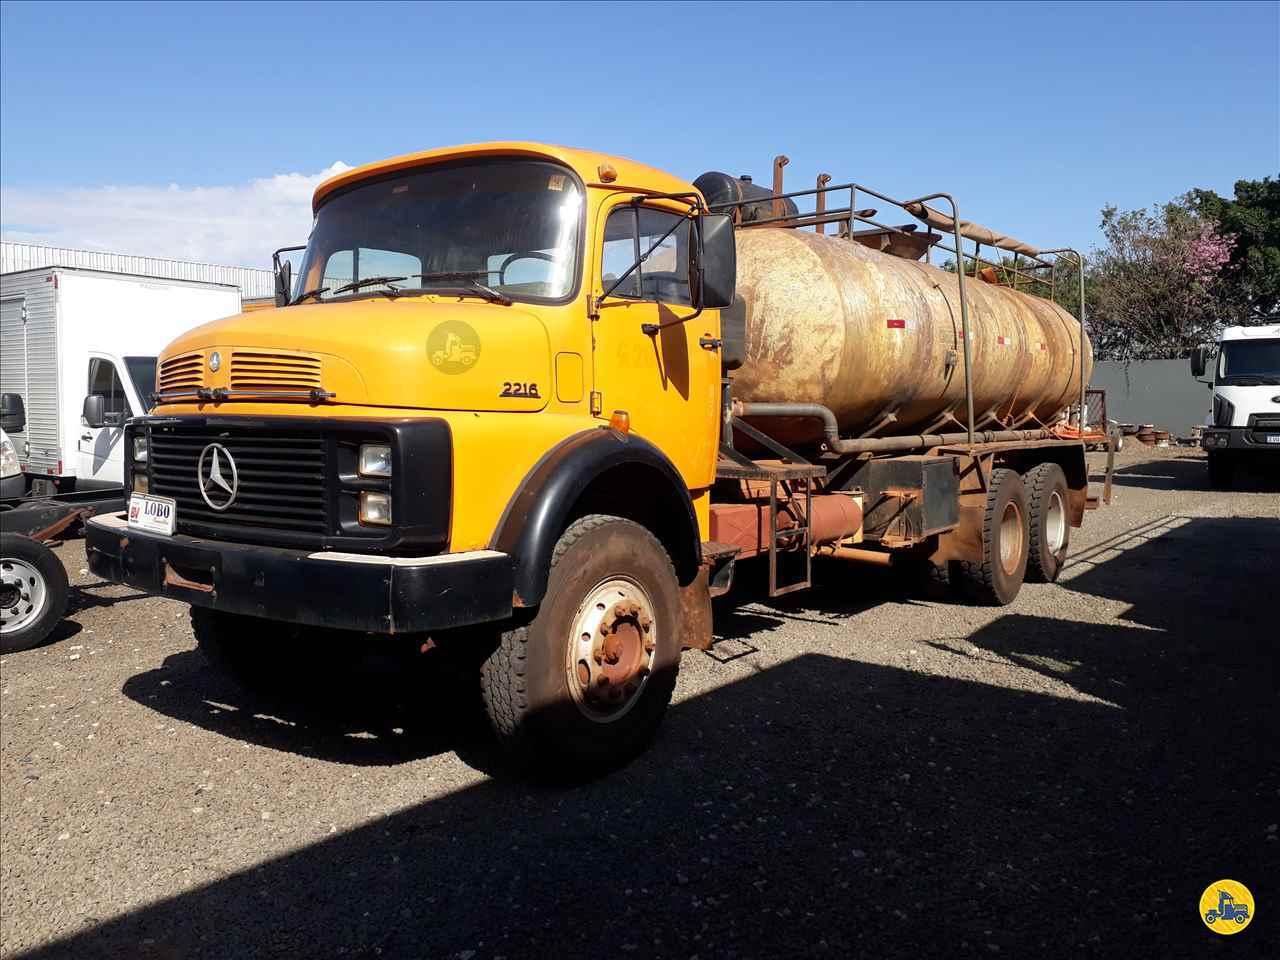 CAMINHAO MERCEDES-BENZ MB 2216 Tanque Pipa Traçado 6x4 Lobo Caminhões AMERICANA SÃO PAULO SP